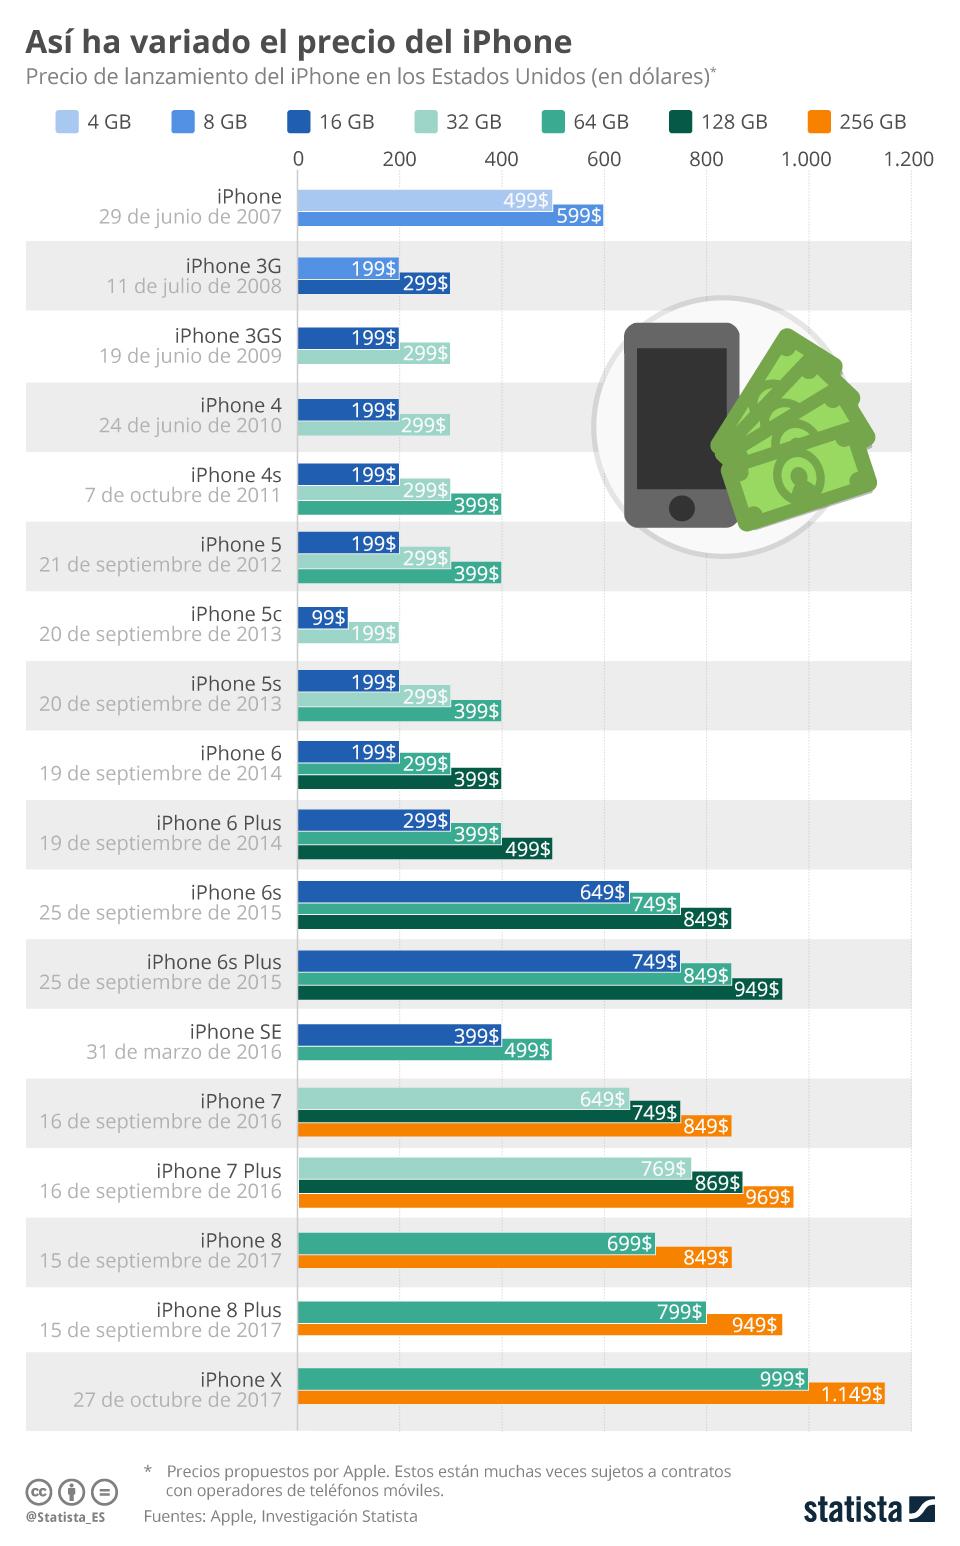 Apple precios